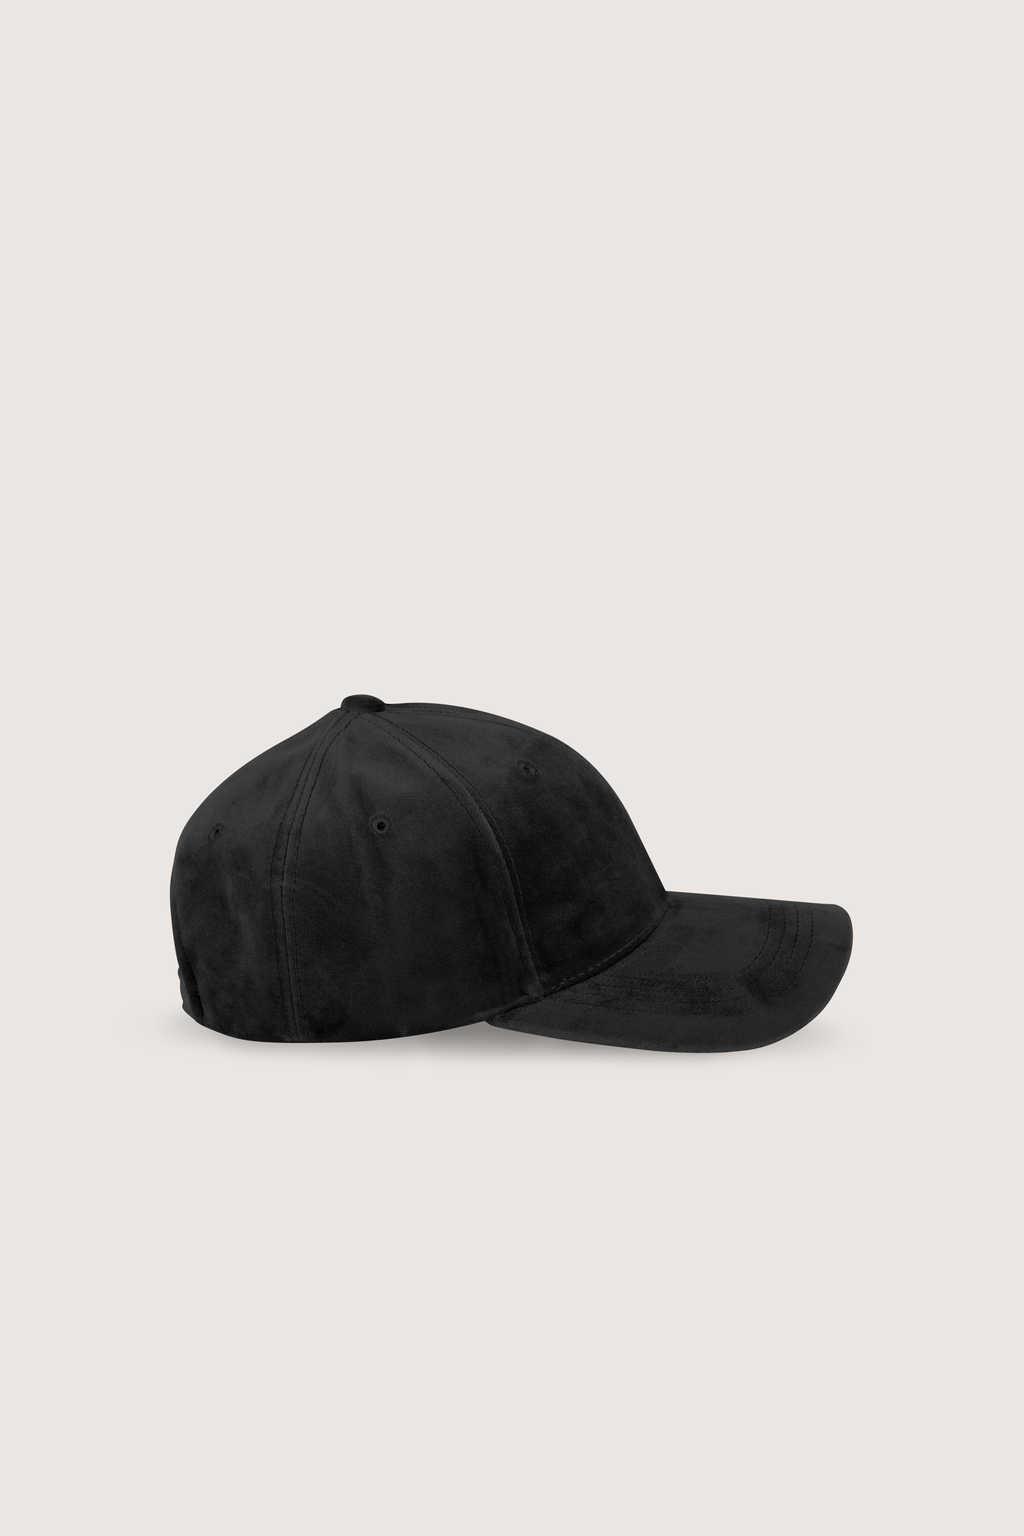 Hat H022 Black 5